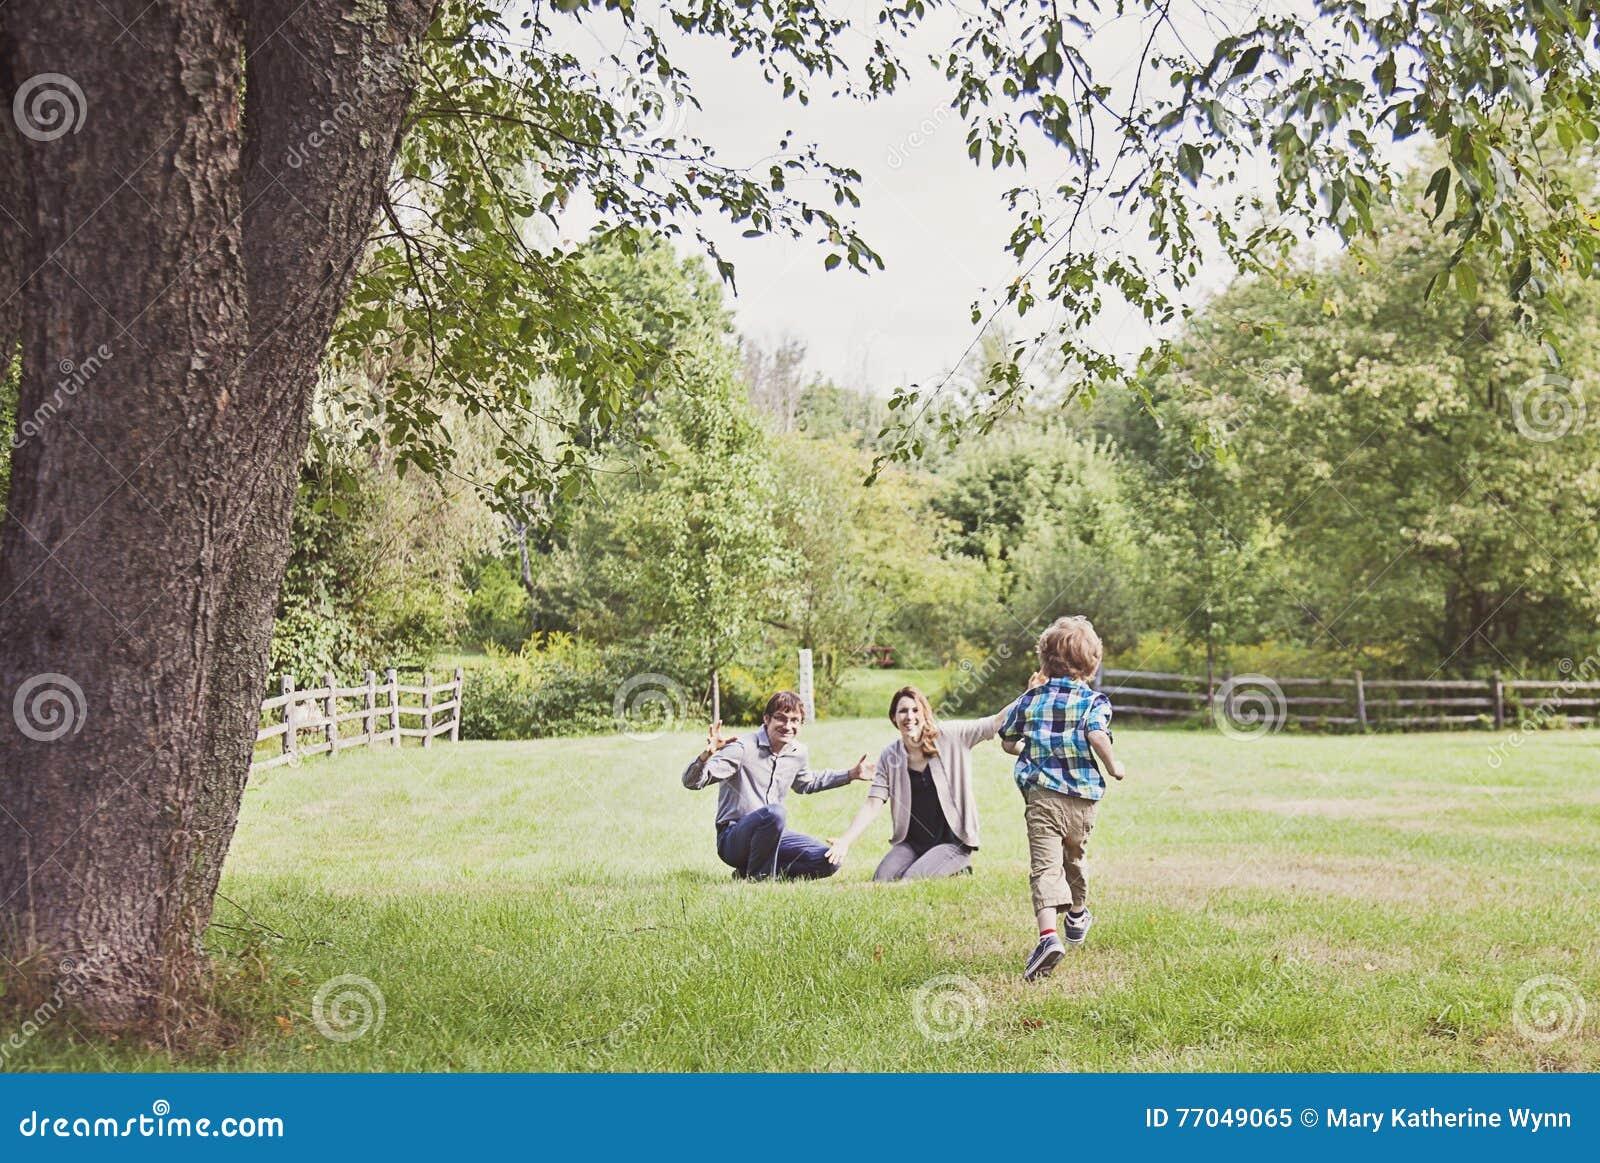 Junge, der zu den Eltern läuft